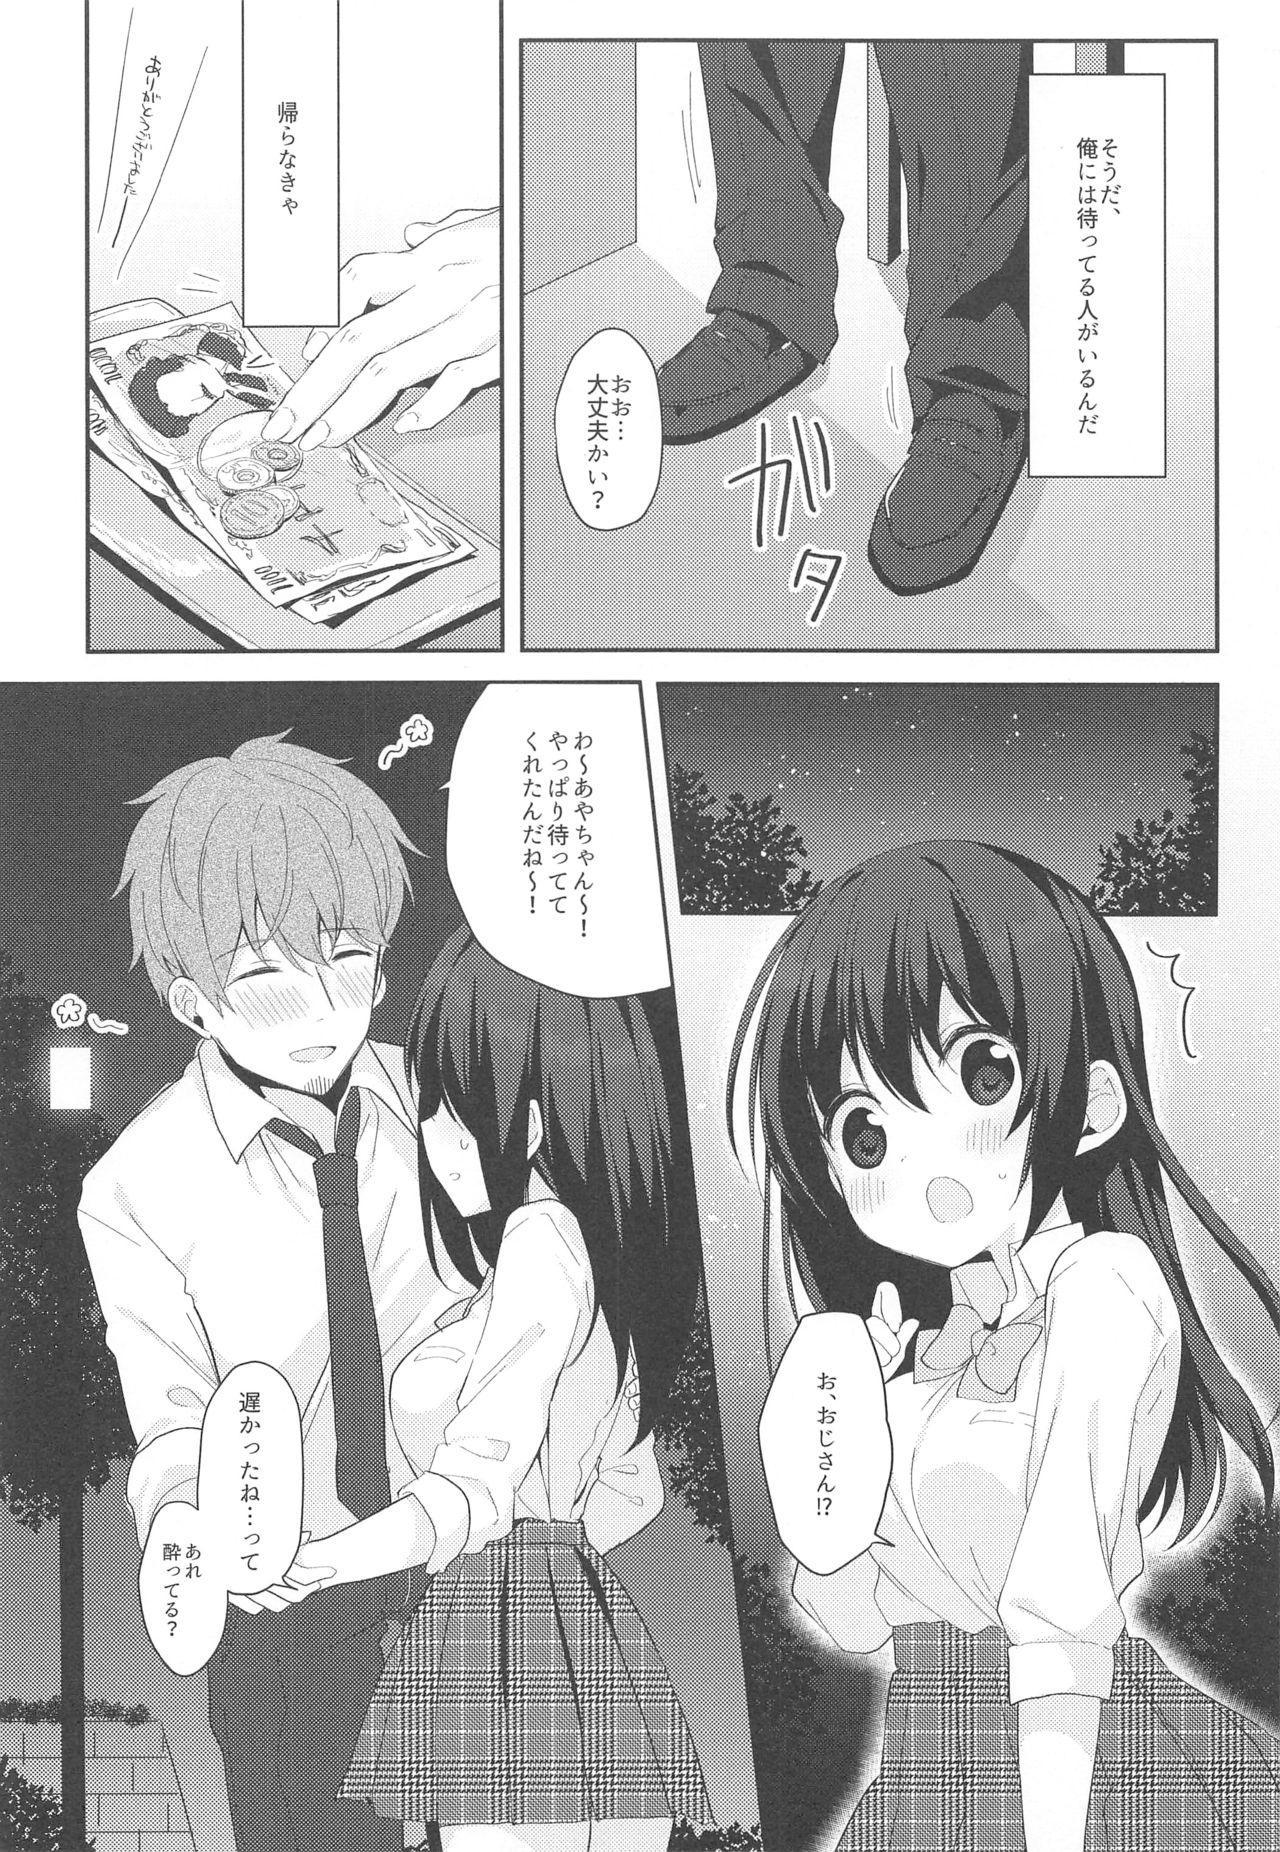 12-sai Sa no Himitsu Renai 12